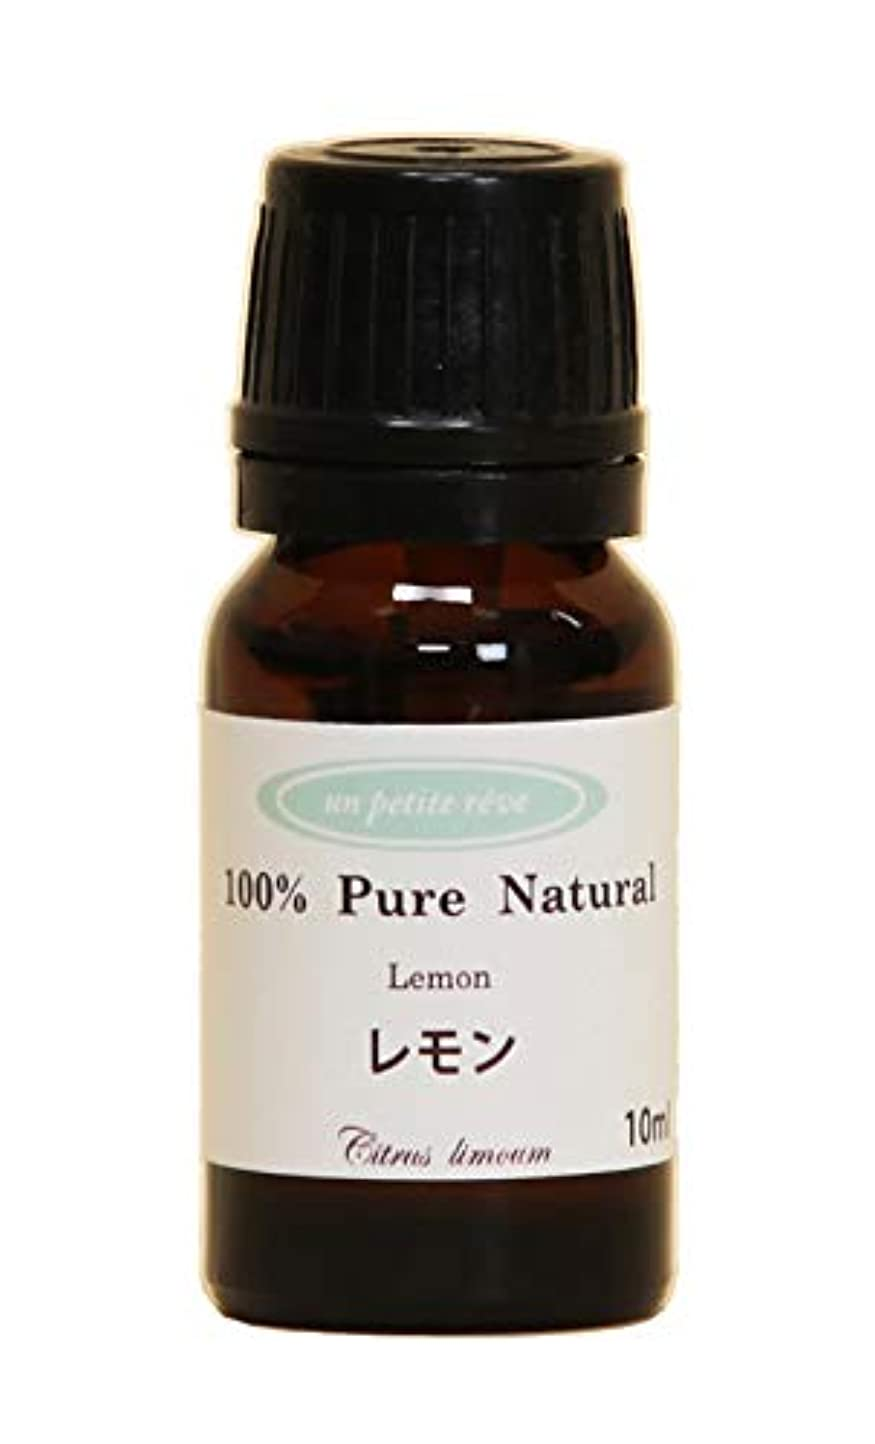 旋律的車淡いレモン 10ml 100%天然アロマエッセンシャルオイル(精油)